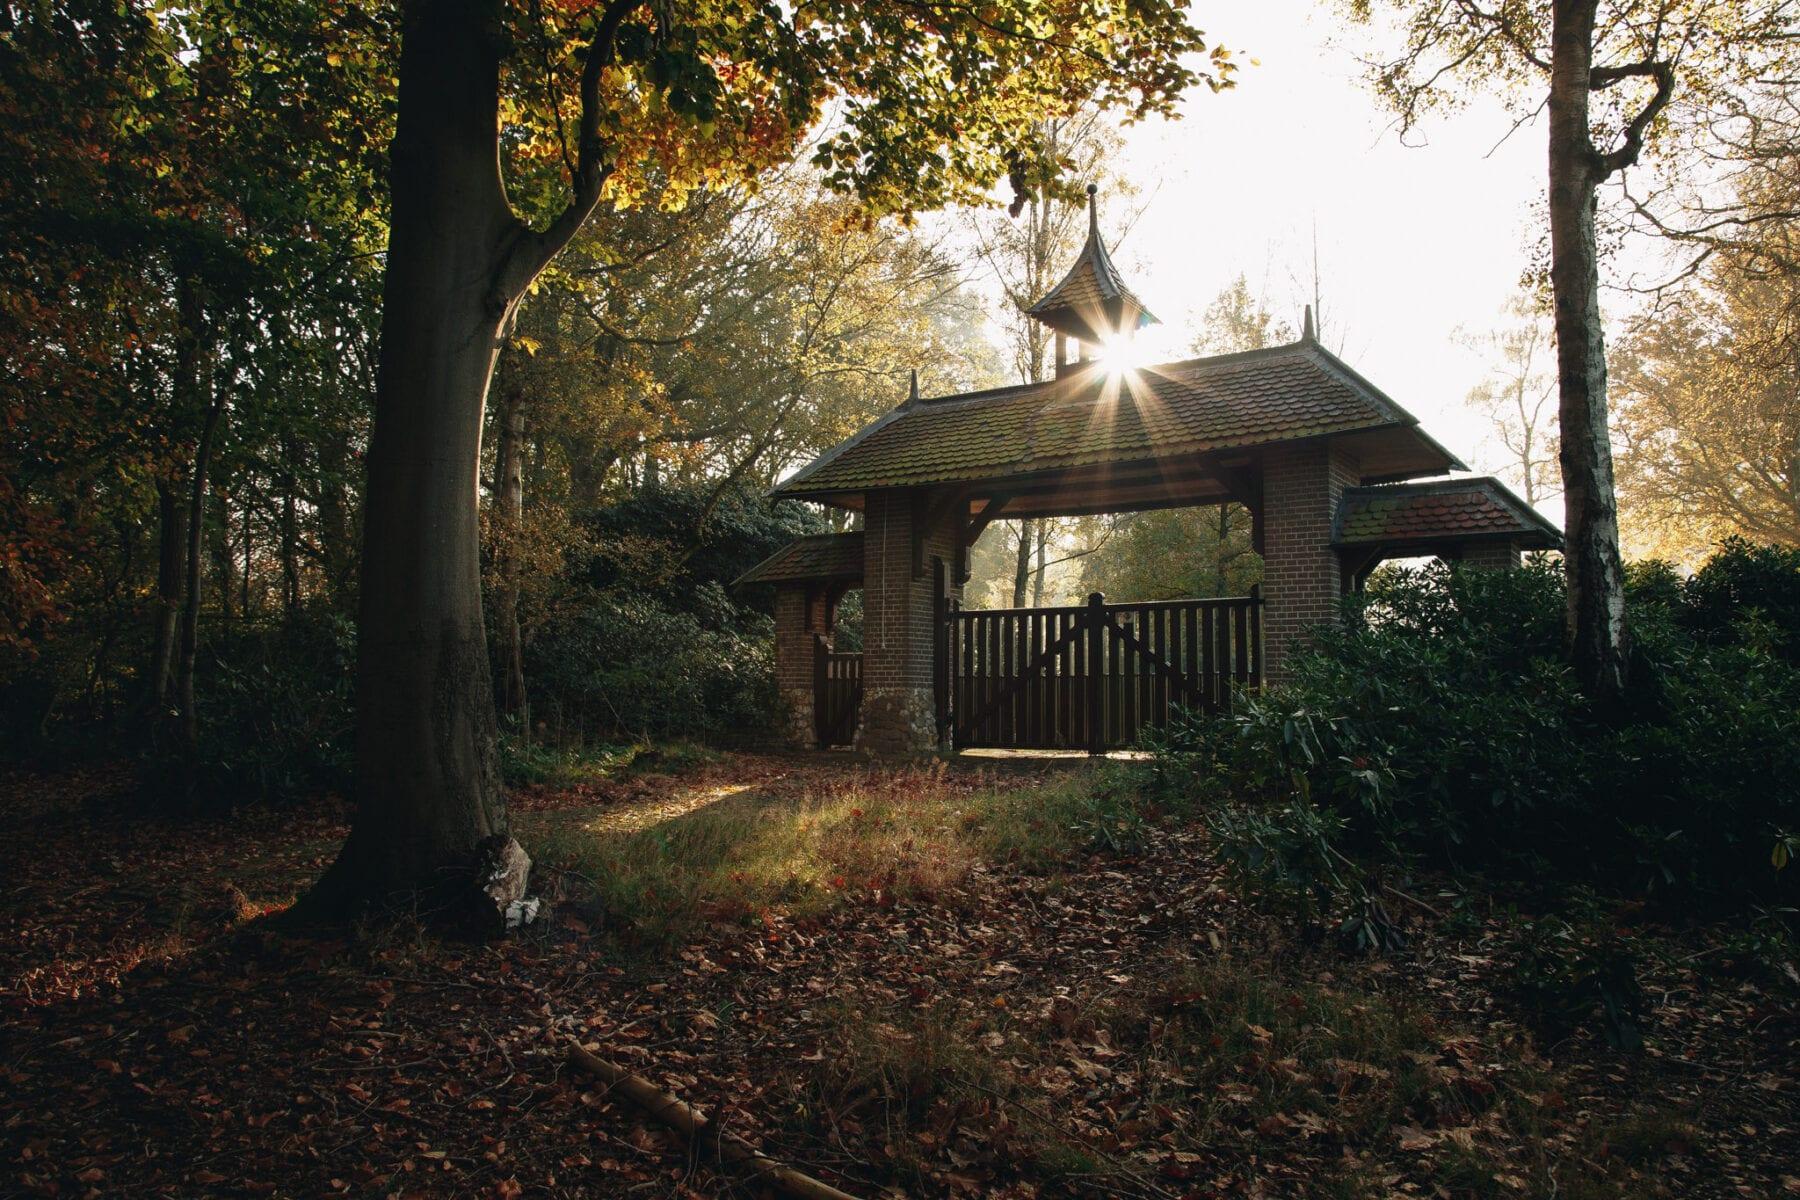 Nationaal Park de Sallandse Heuvelrug foto Ronald Jansen 6